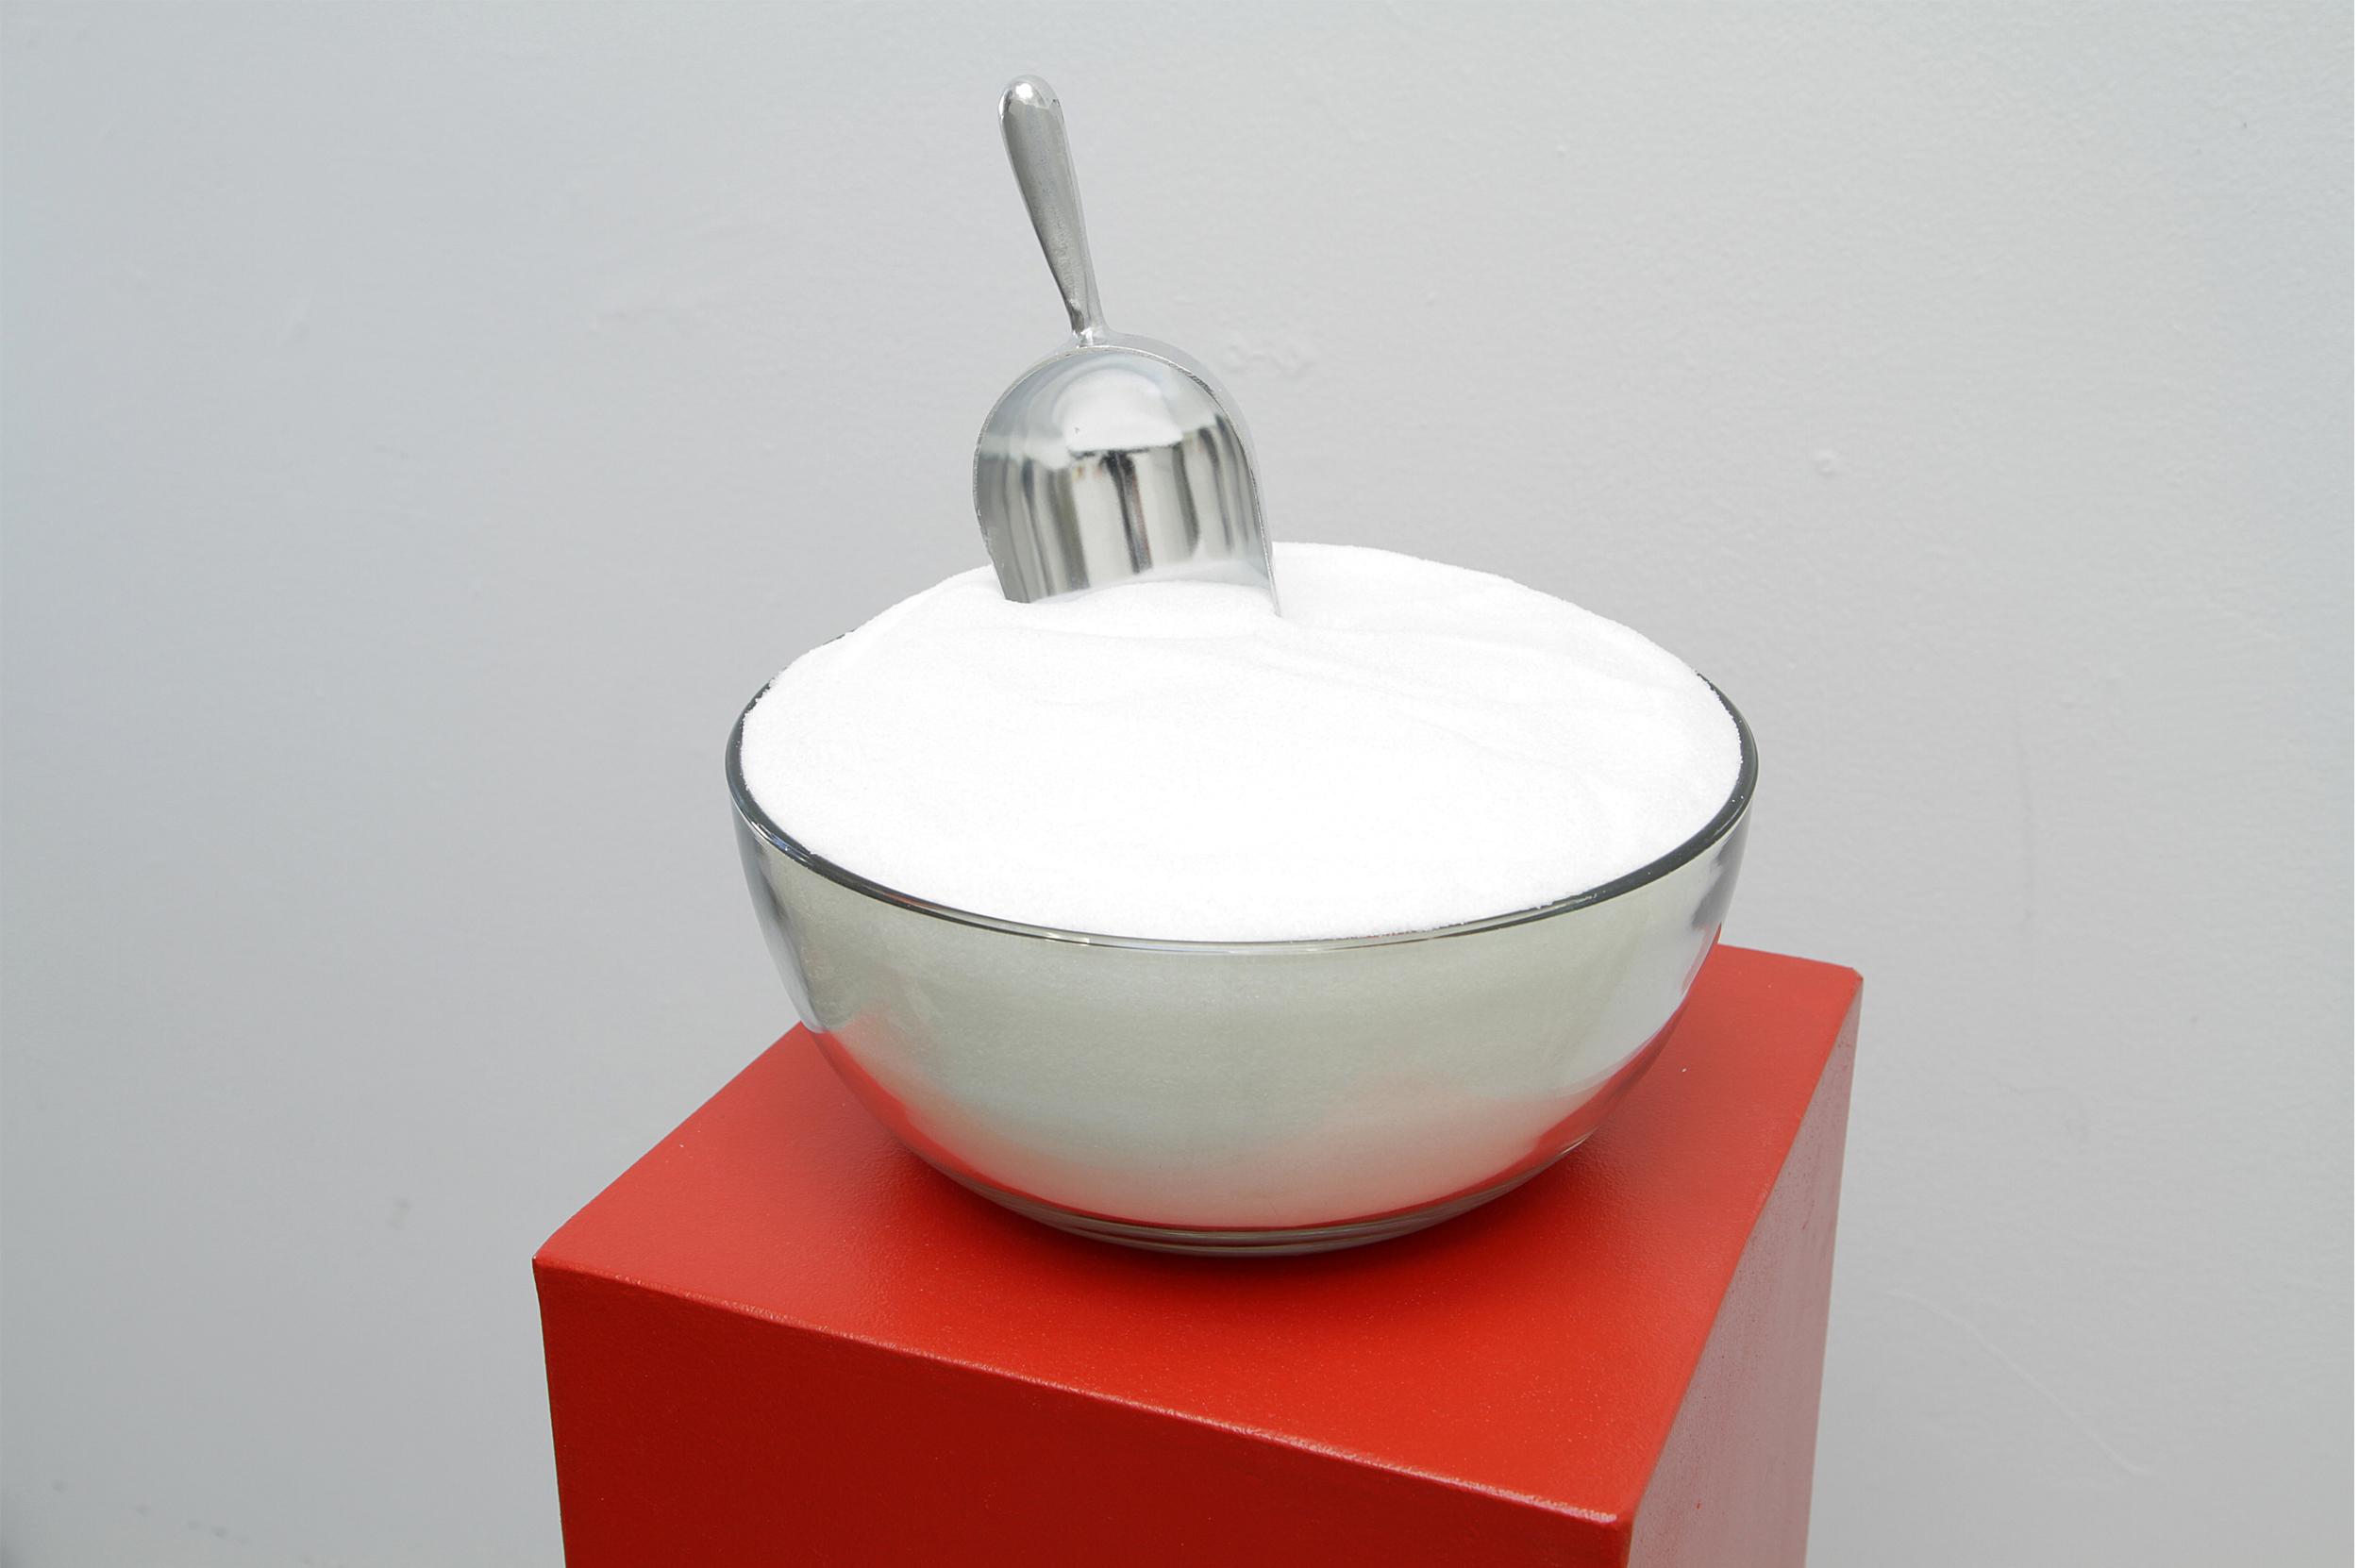 Appetite Apparatus #2 (Monosodium Glutamate, Stimulant)  (detail view) 2011 Wood, paint, glass bowl, aluminum scoop, monosodium glutamate (MSG) Dimensions variable